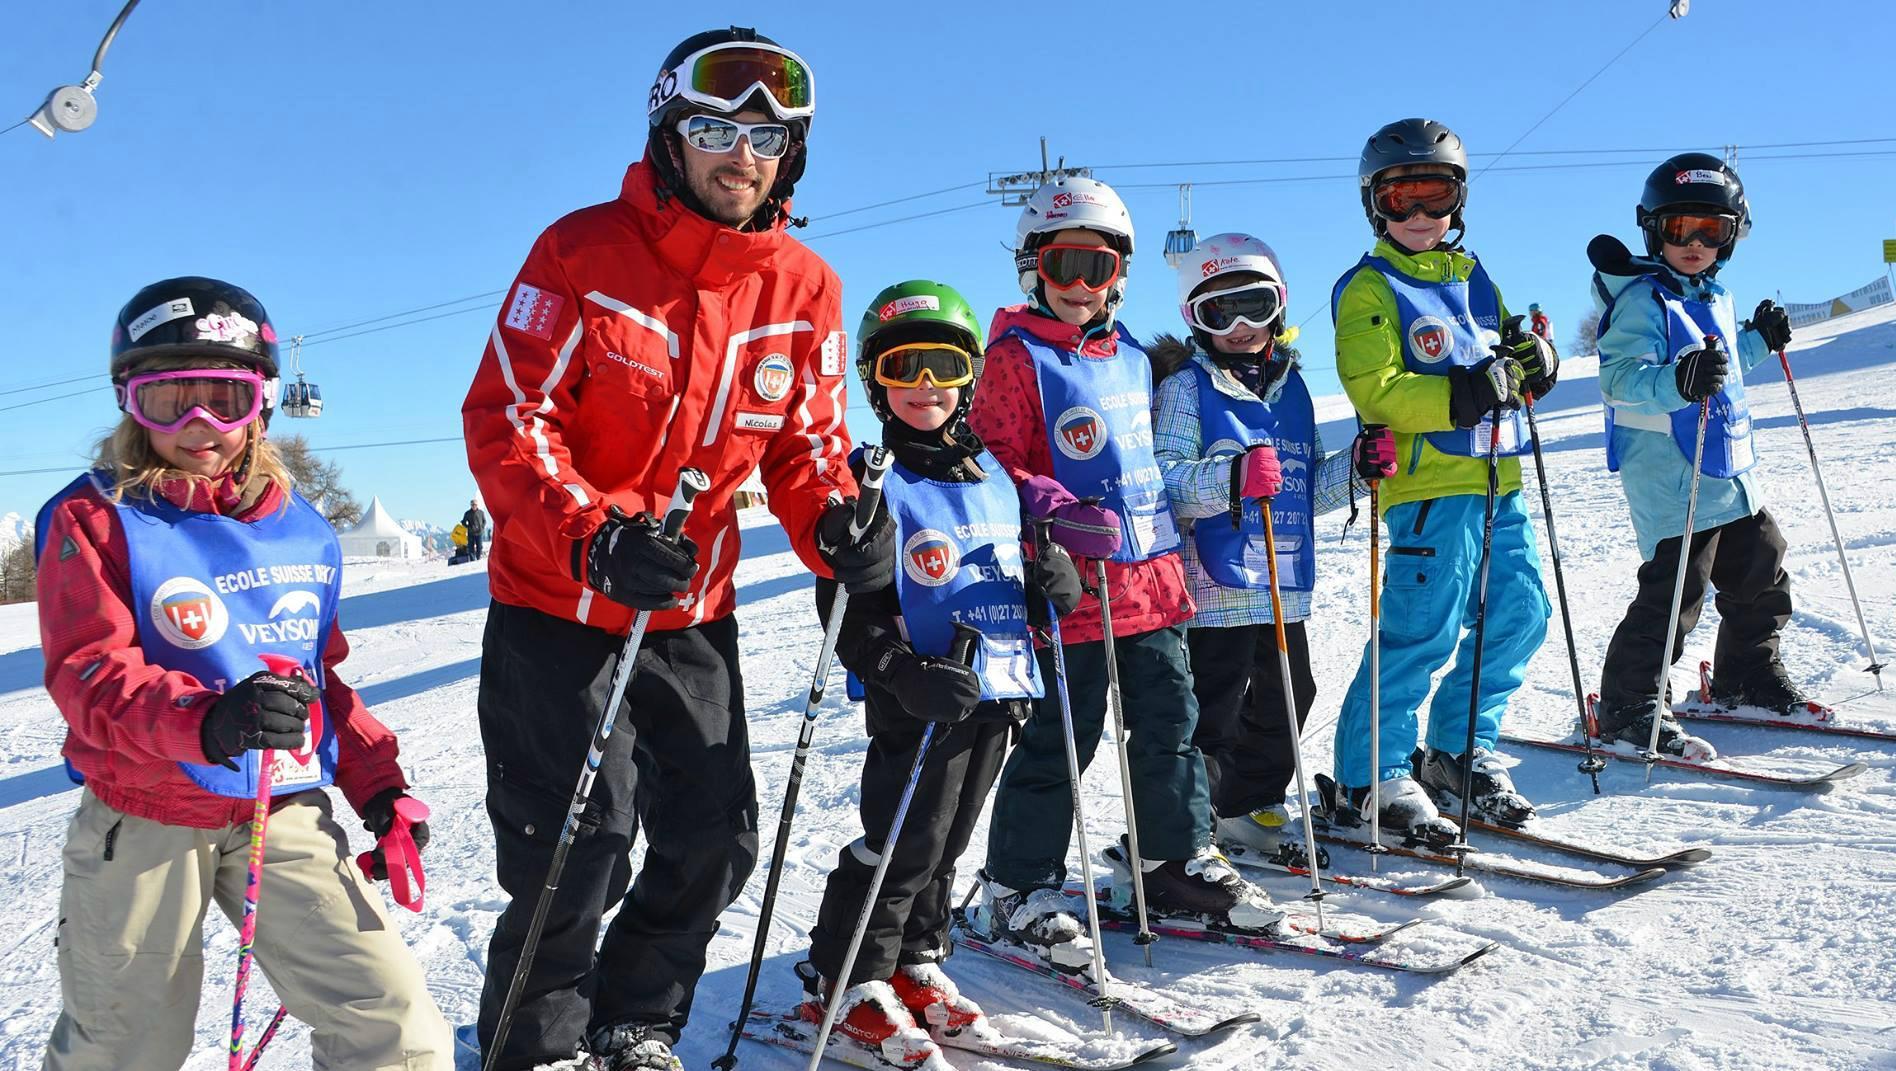 Cours de ski Enfants (6-12 ans) pour Expérimentés - Journée